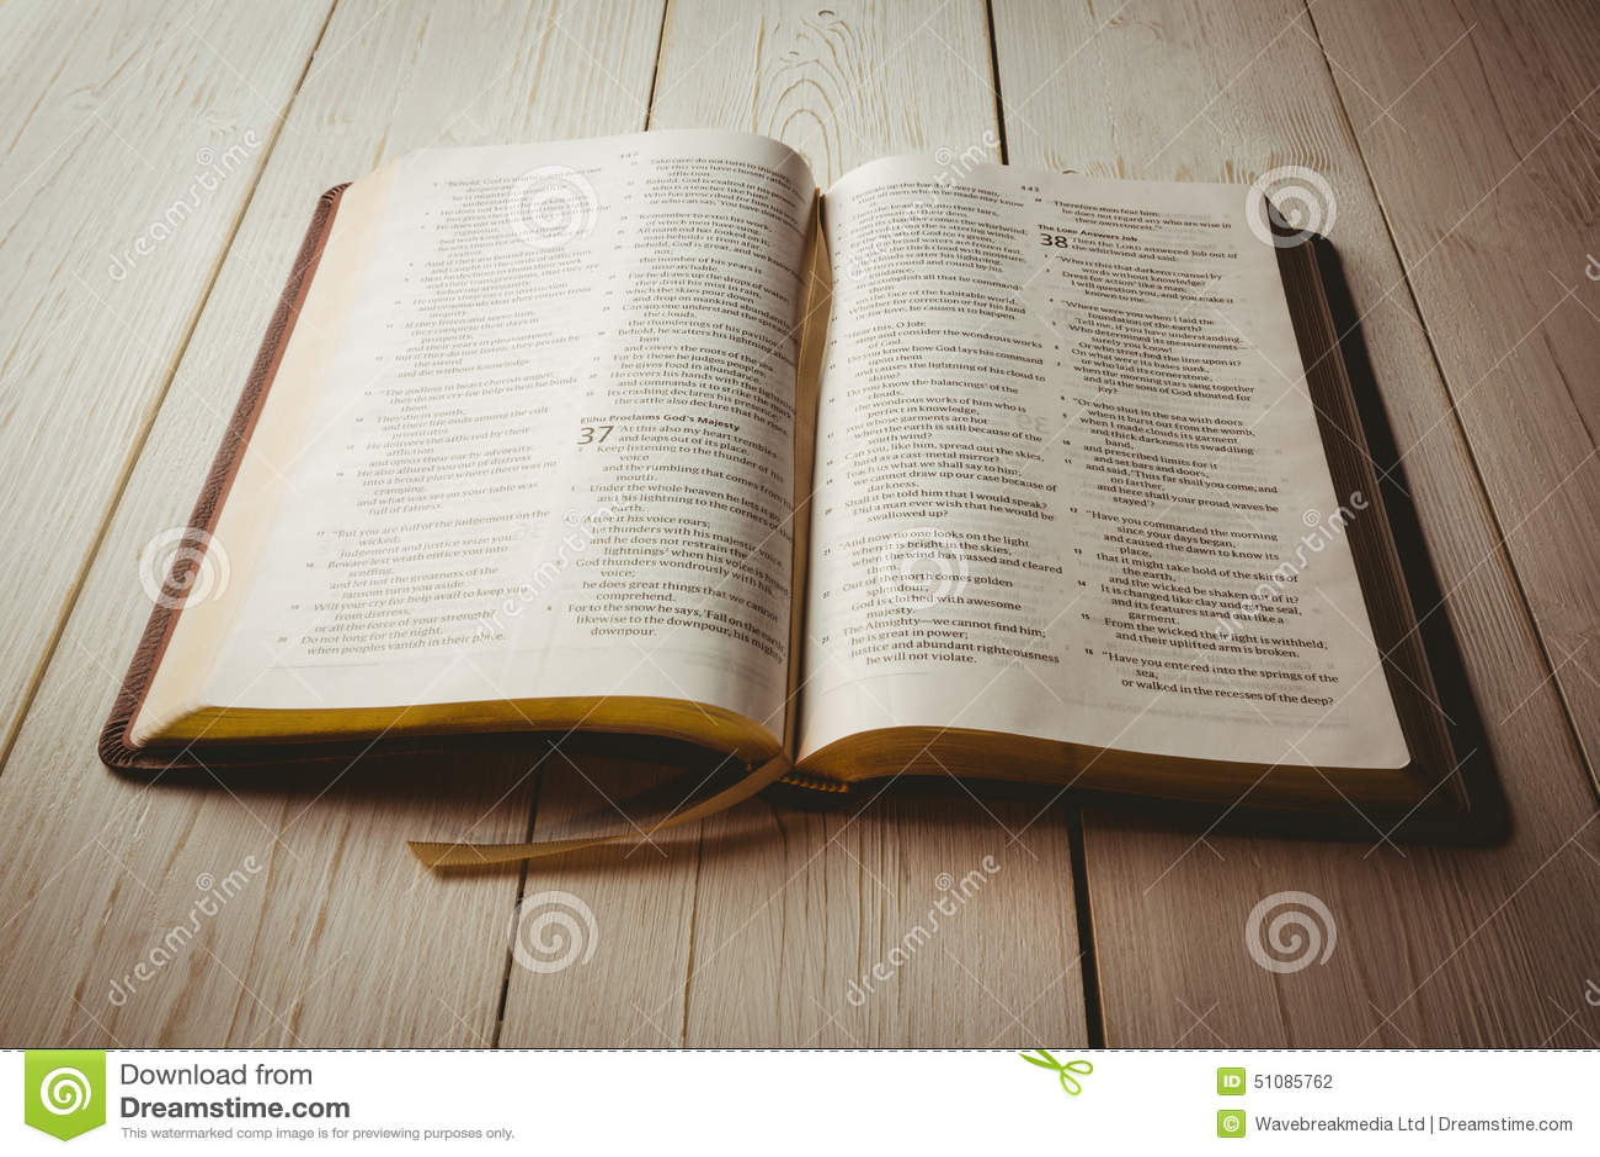 Una Biblia Abierta Foto De Archivo Imagen De Evangélico 51085762